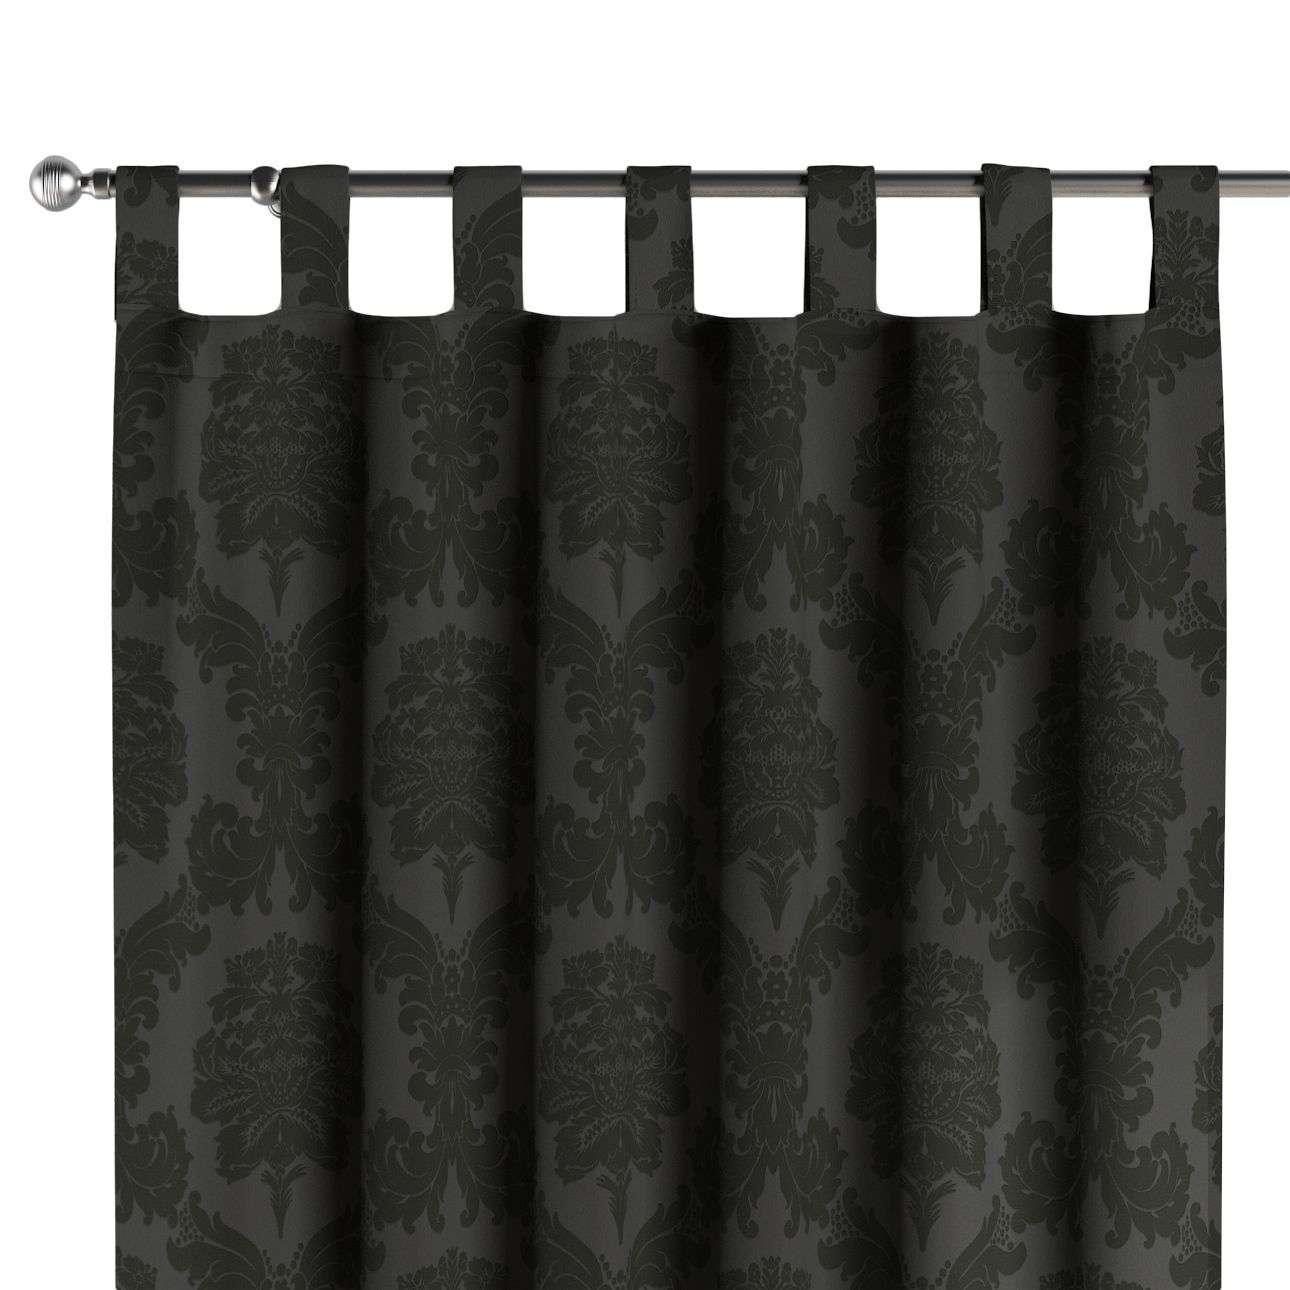 Gardin med stropper 130 x 260 cm fra kollektionen Damasco, Stof: 613-32